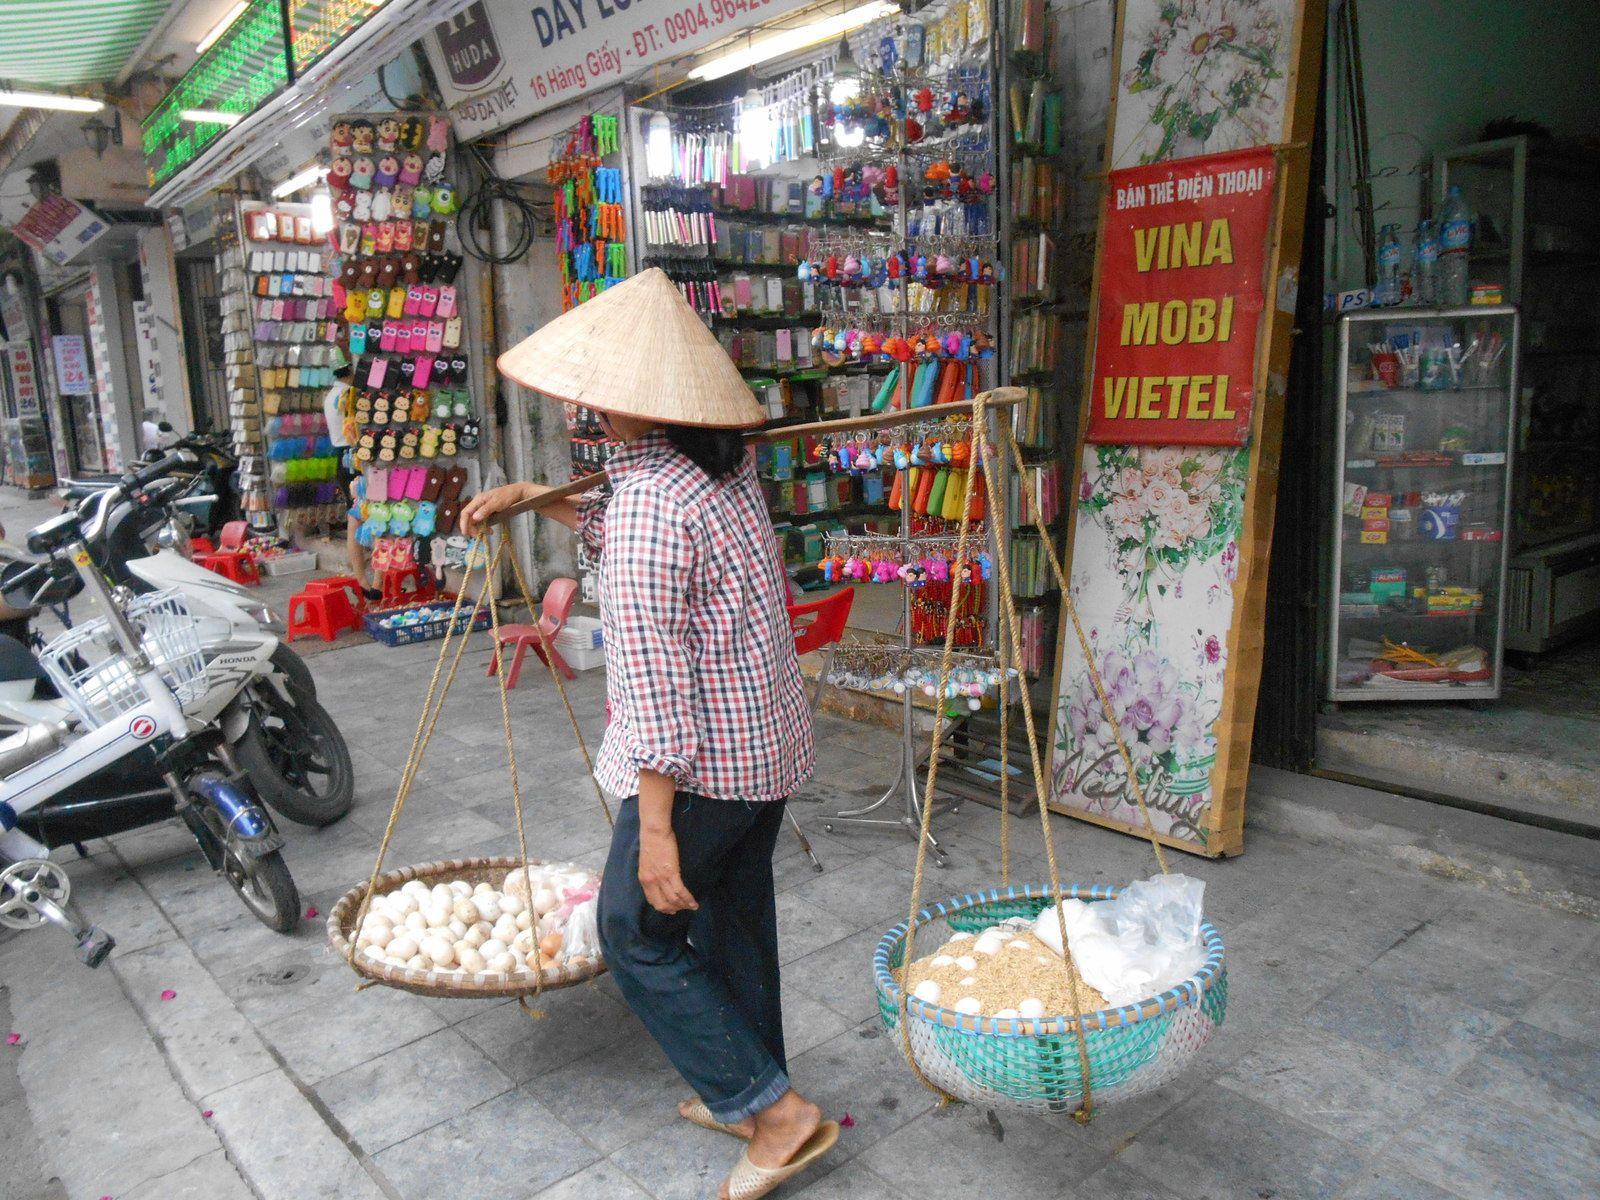 Viet nam: 14ème journée - Hanoï (suite et fin)